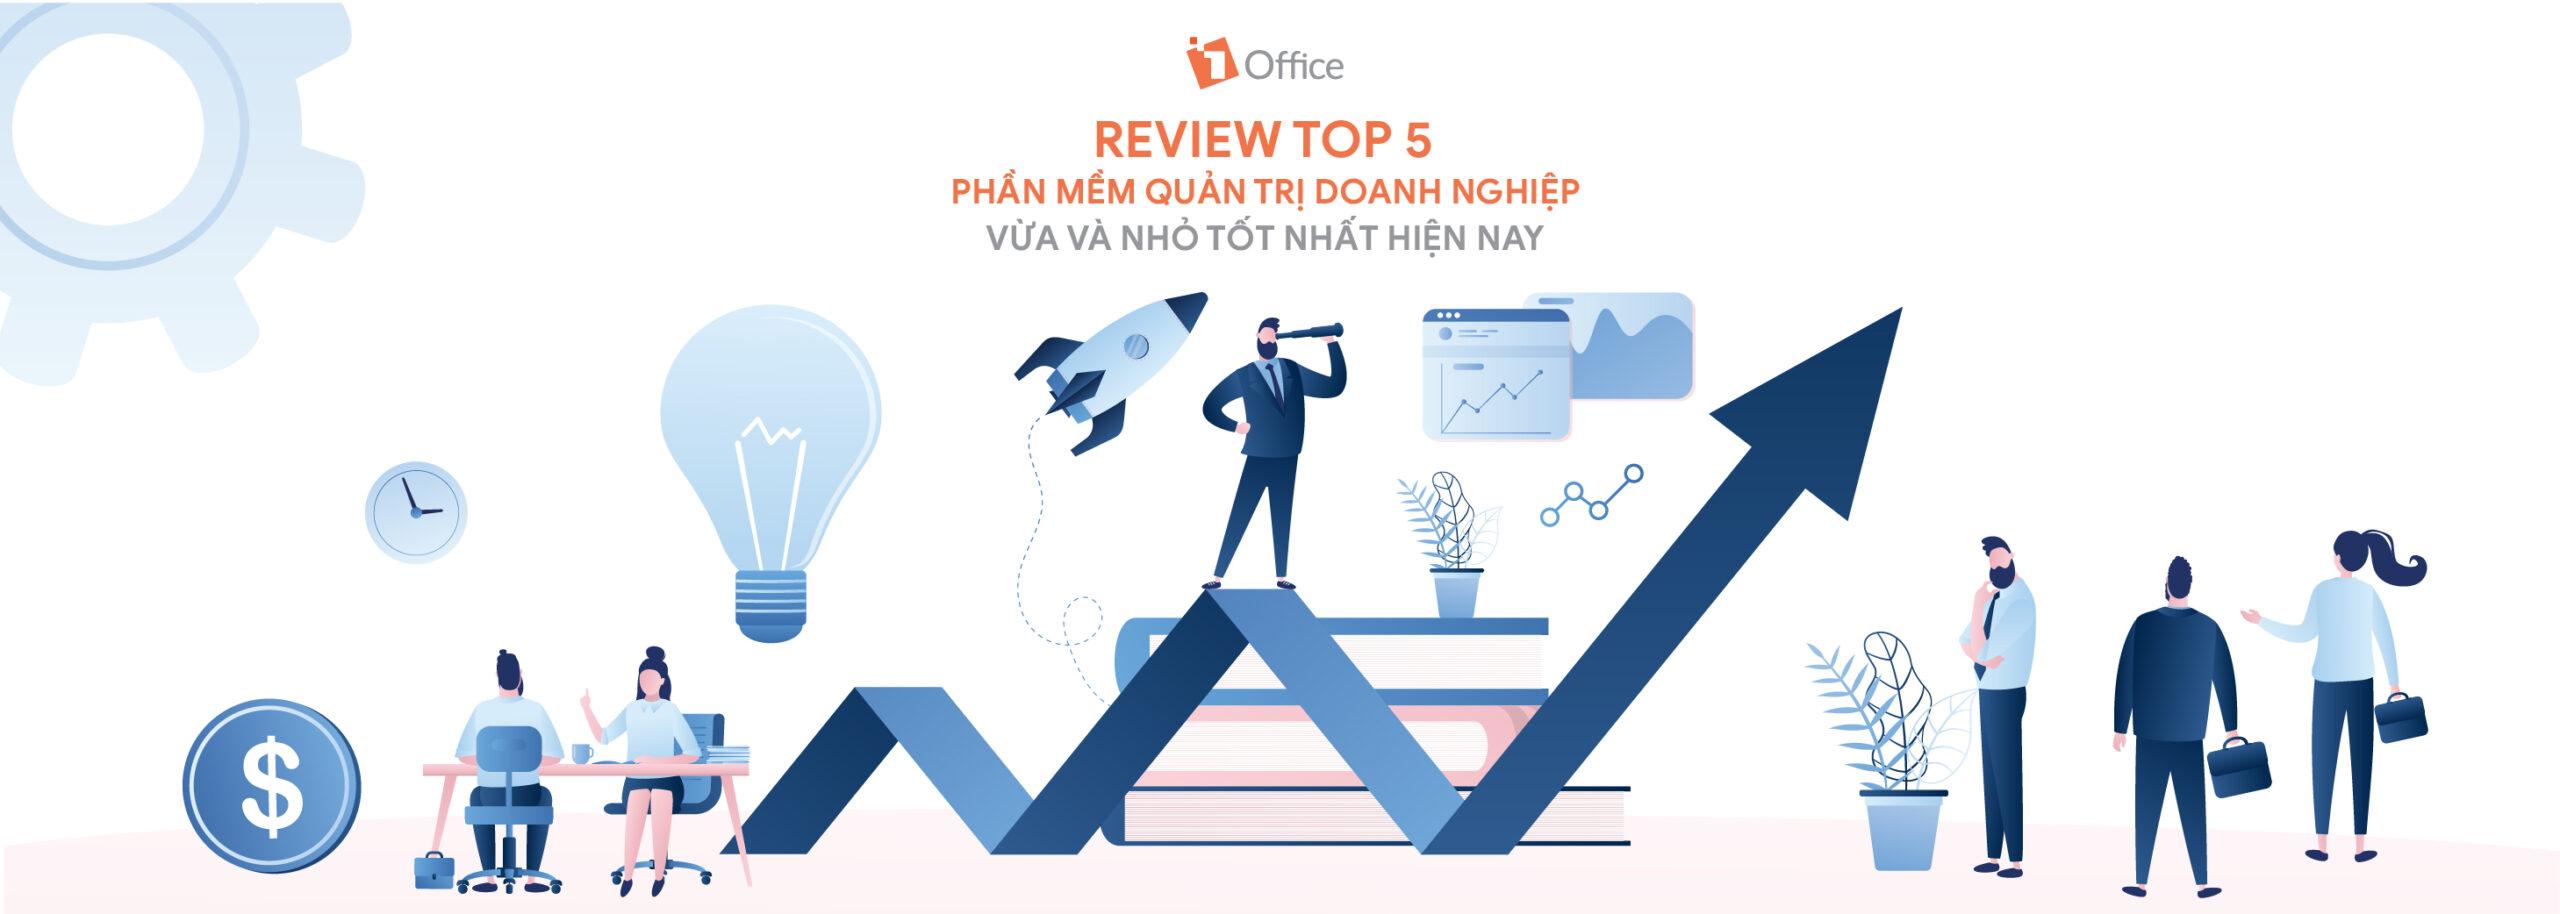 Top 5 phần mềm quản trị doanh nghiệp vừa và nhỏ tốt nhất hiện nay